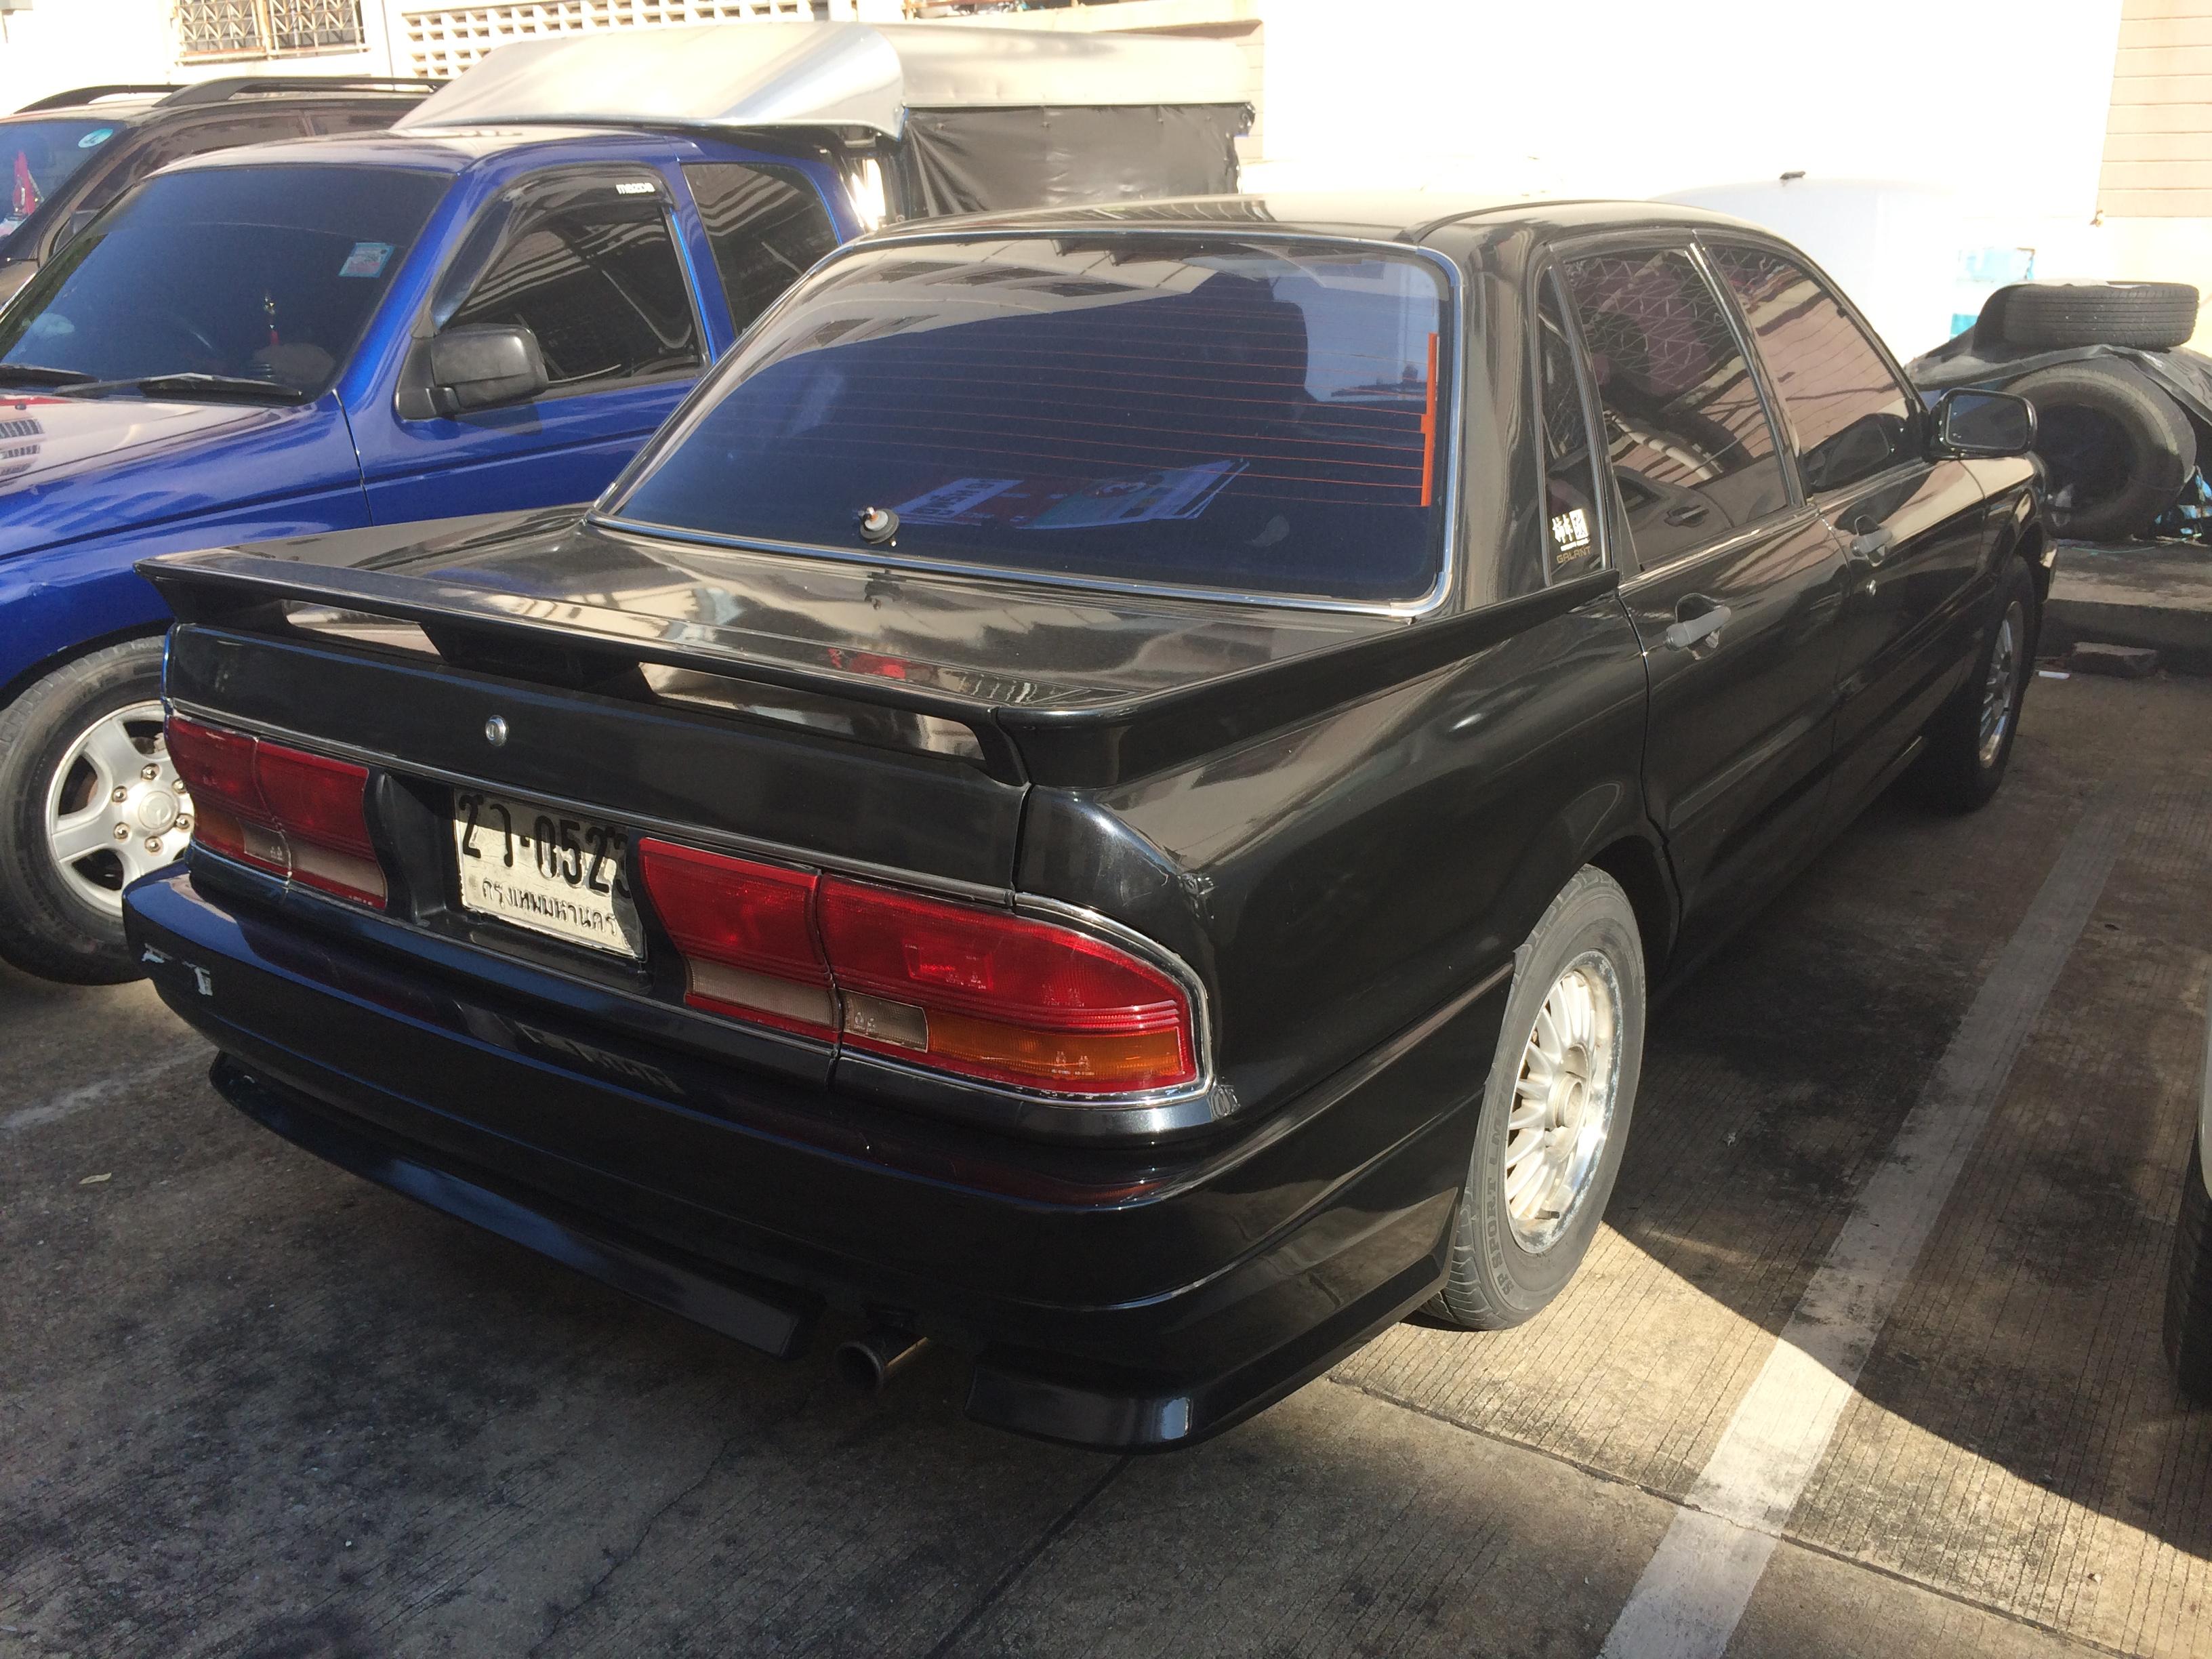 file:1989 mitsubishi galant (e-e33a) amg sedan (21-10-2017) 04